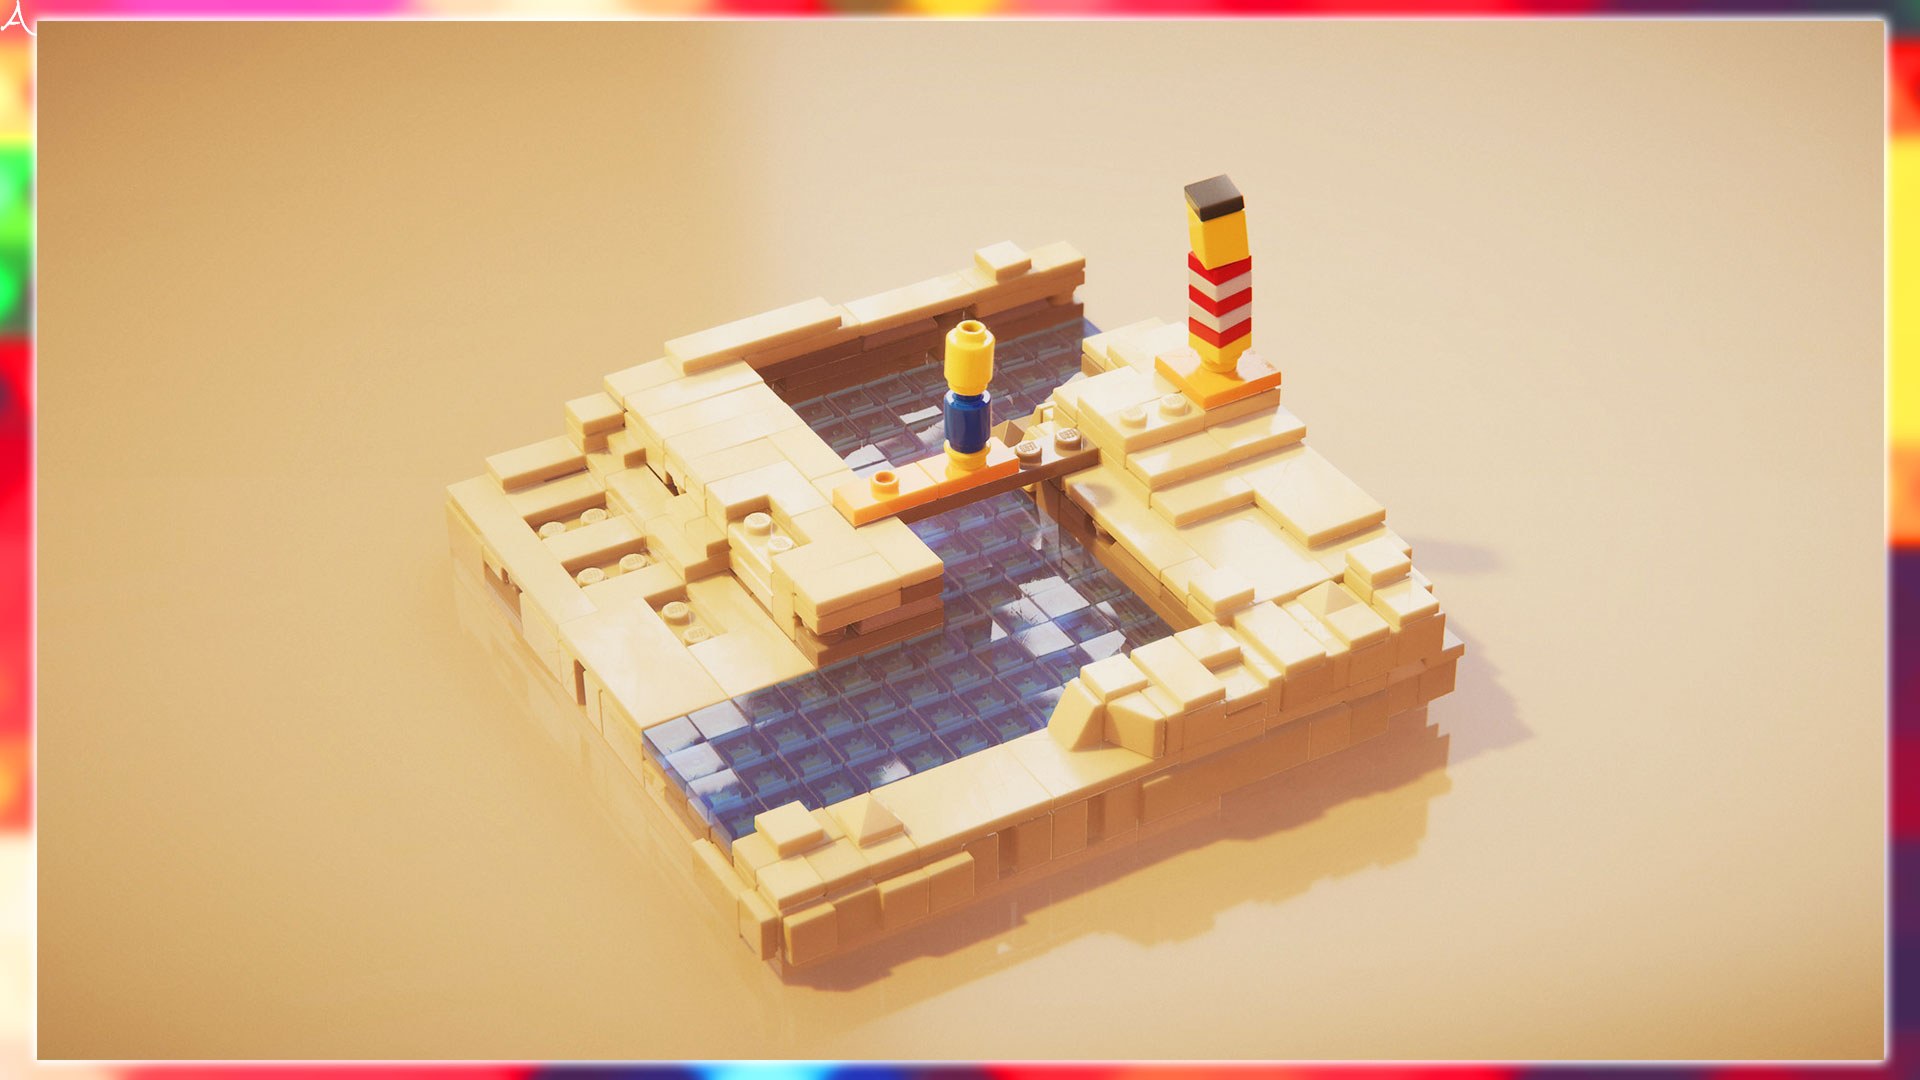 PC版「LEGO Builder's Journey」に必要な最低/推奨スペックを確認